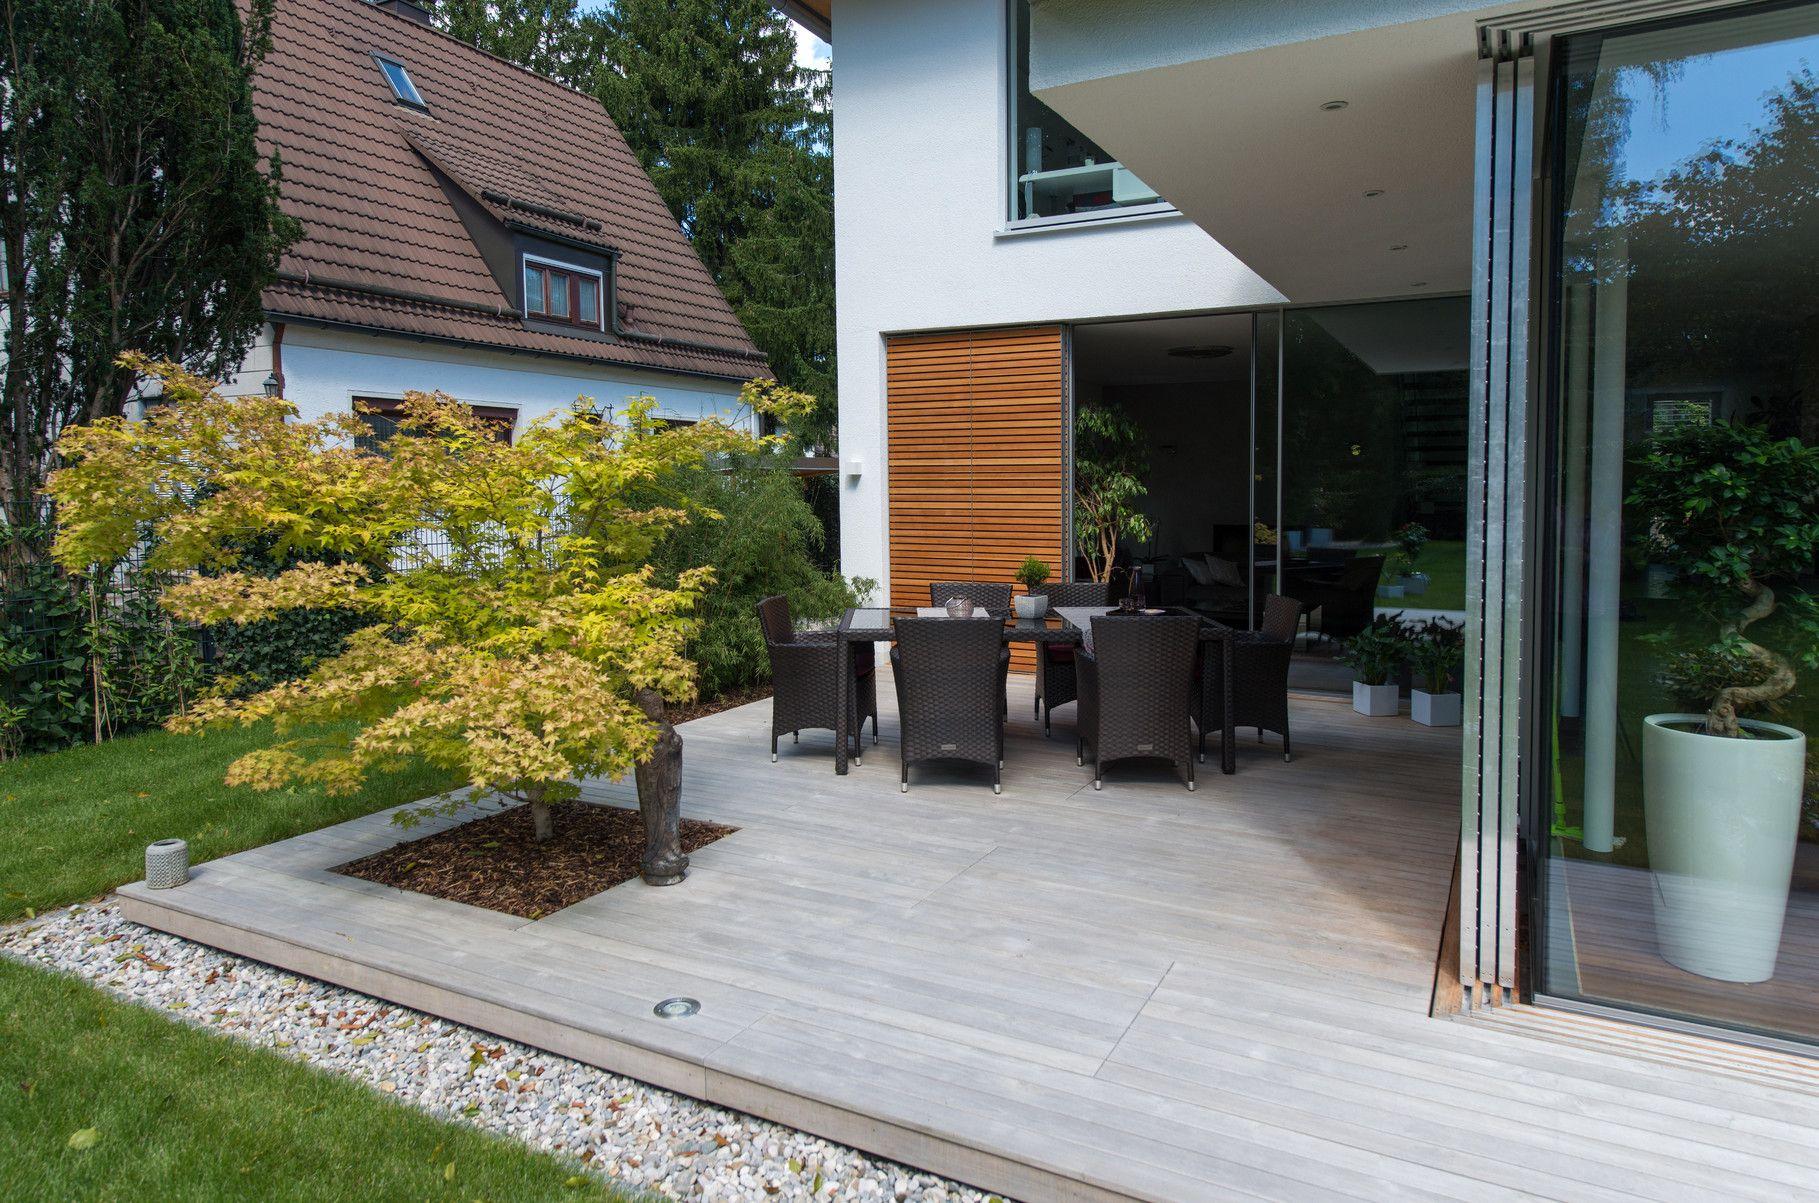 Holzterrassen München 15 jahre holzterrassen die holzterrasse münchen terrasse